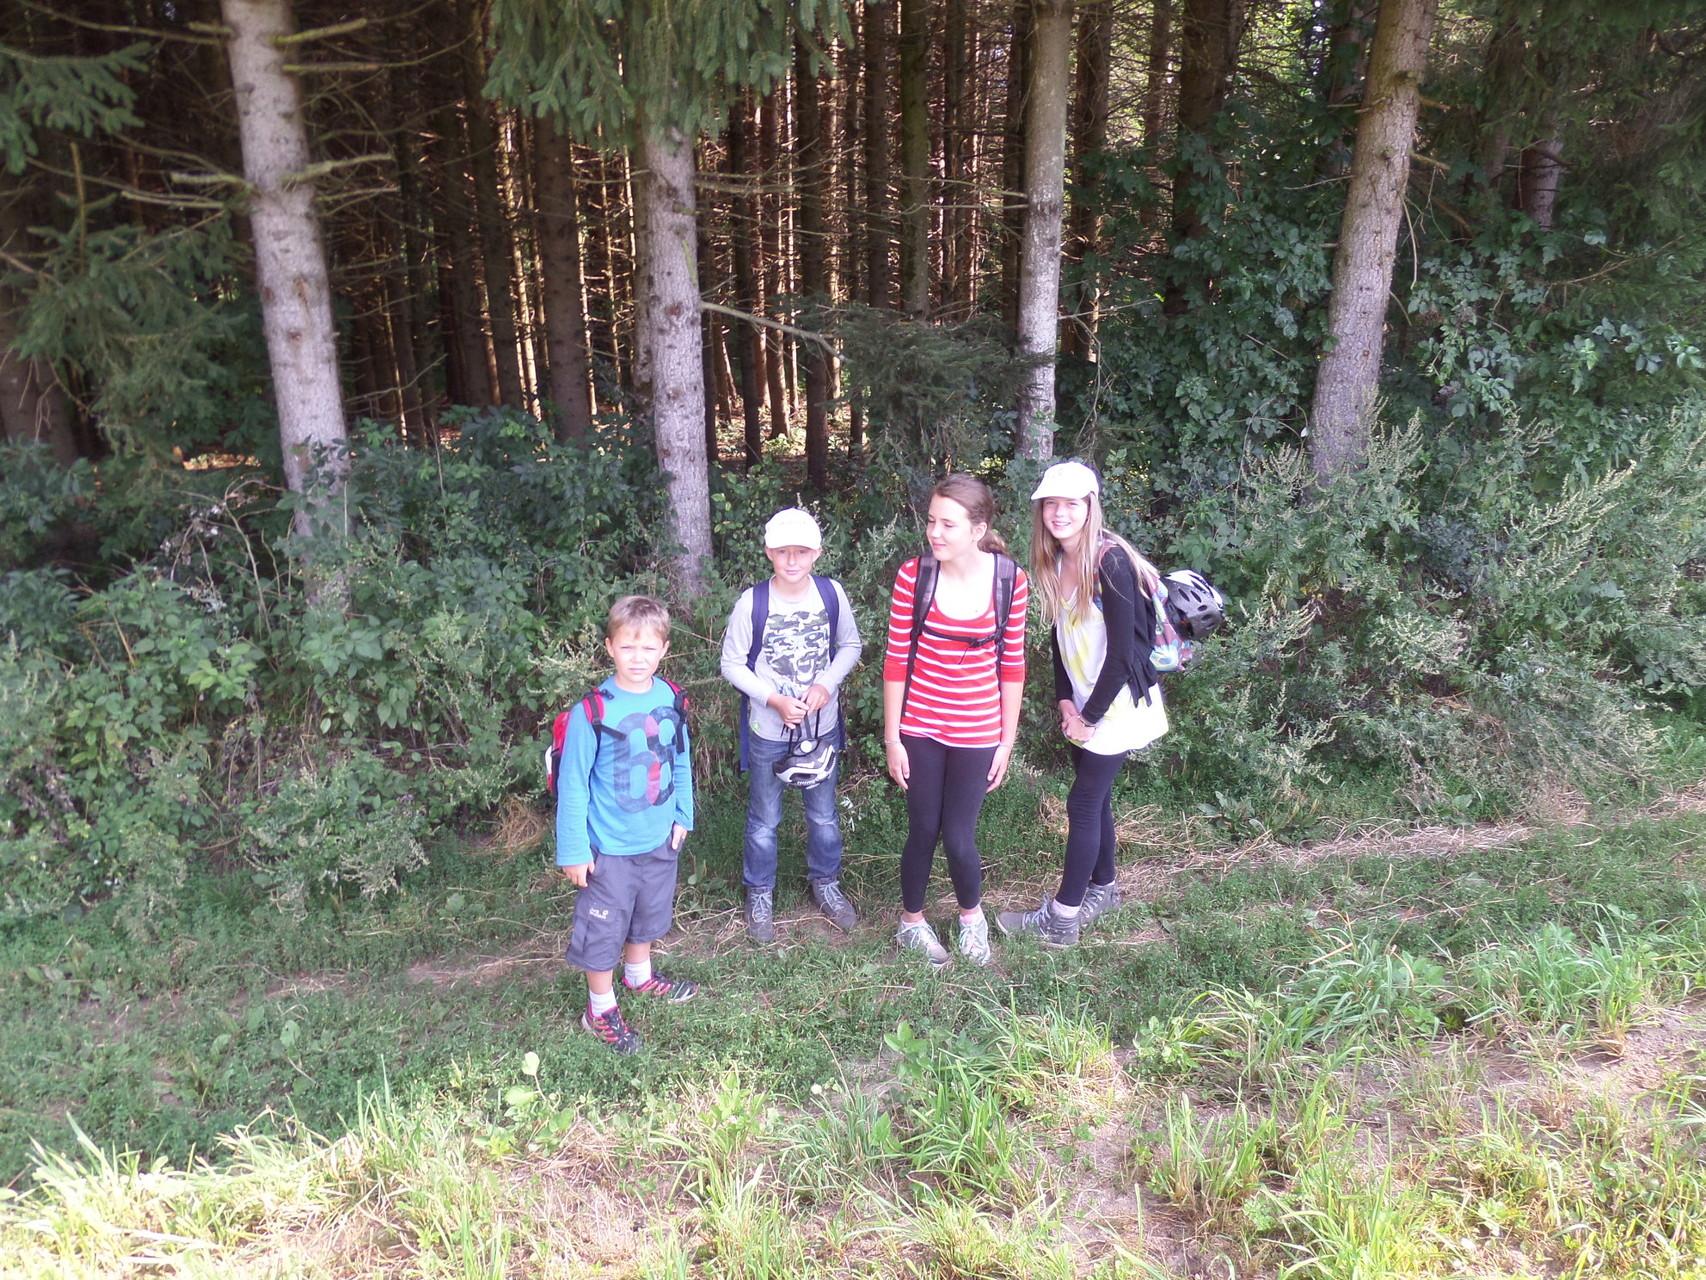 Klettern, hüpfen, springen, laufen: Bewegung macht Freude